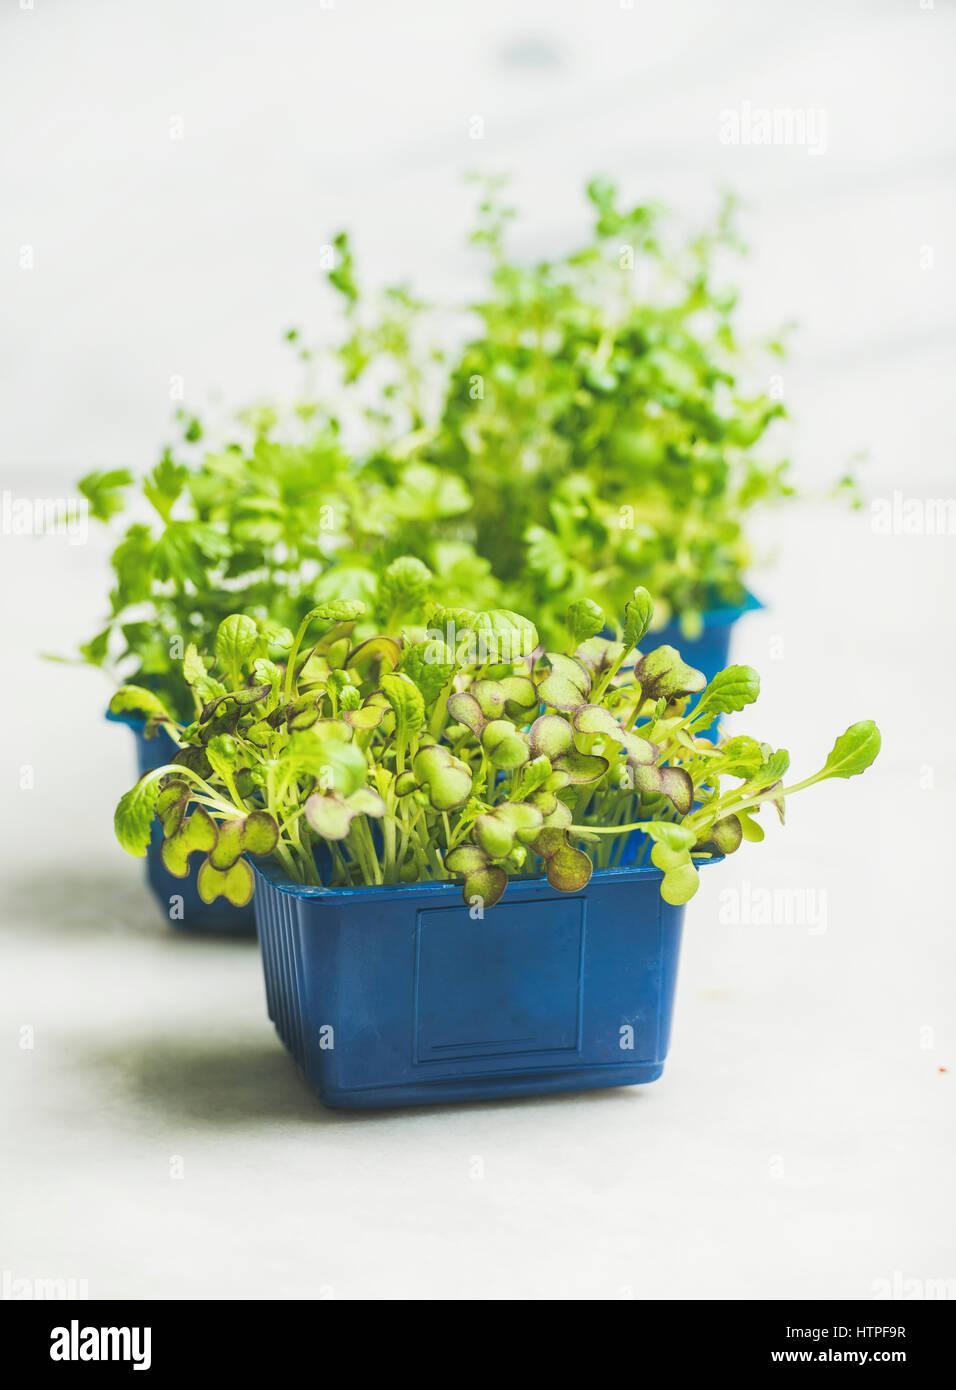 Primavera fresca verde Rábano vivo kress brota en macetas de plástico azul sobre fondo de mármol Imagen De Stock